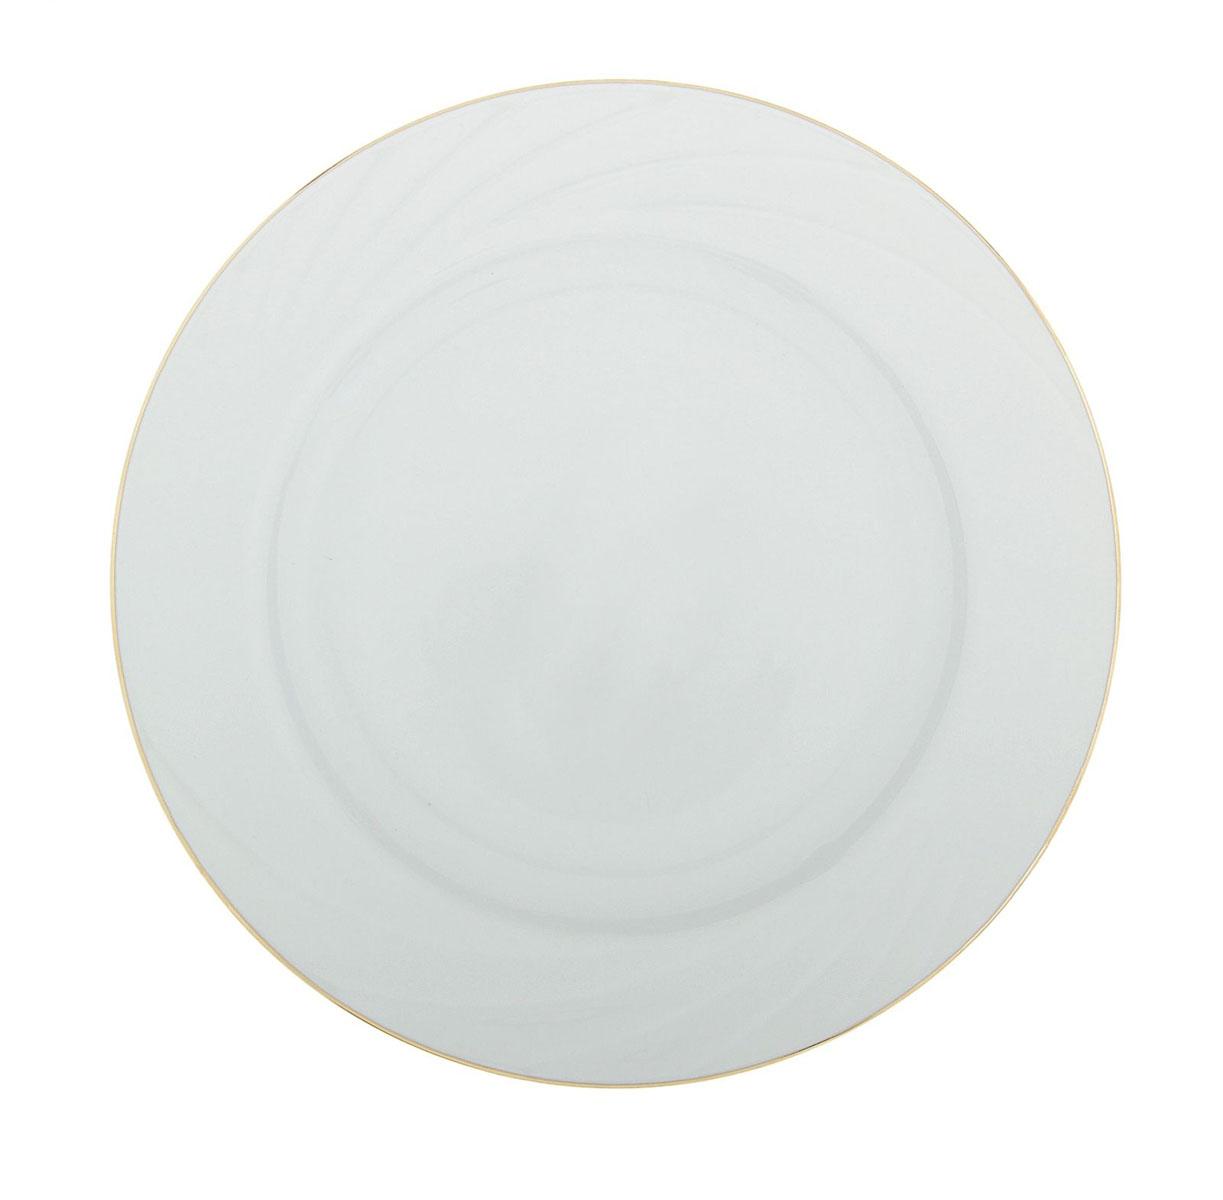 Тарелка мелкая Голубка, диаметр 20 см508001